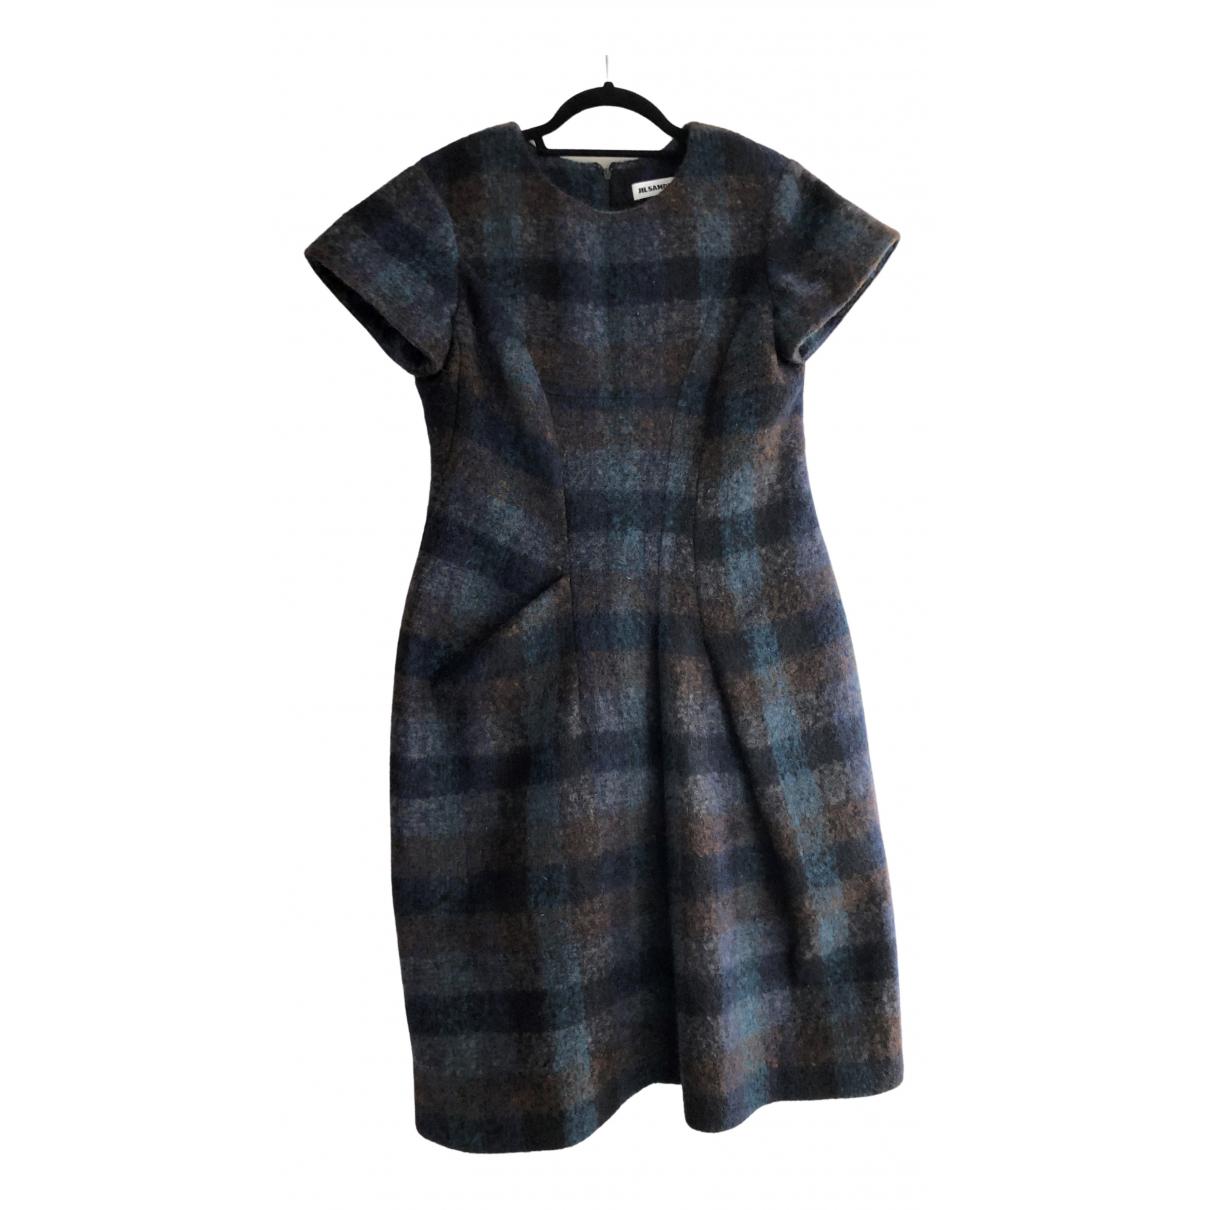 Jil Sander \N Blue Wool dress for Women 38 IT